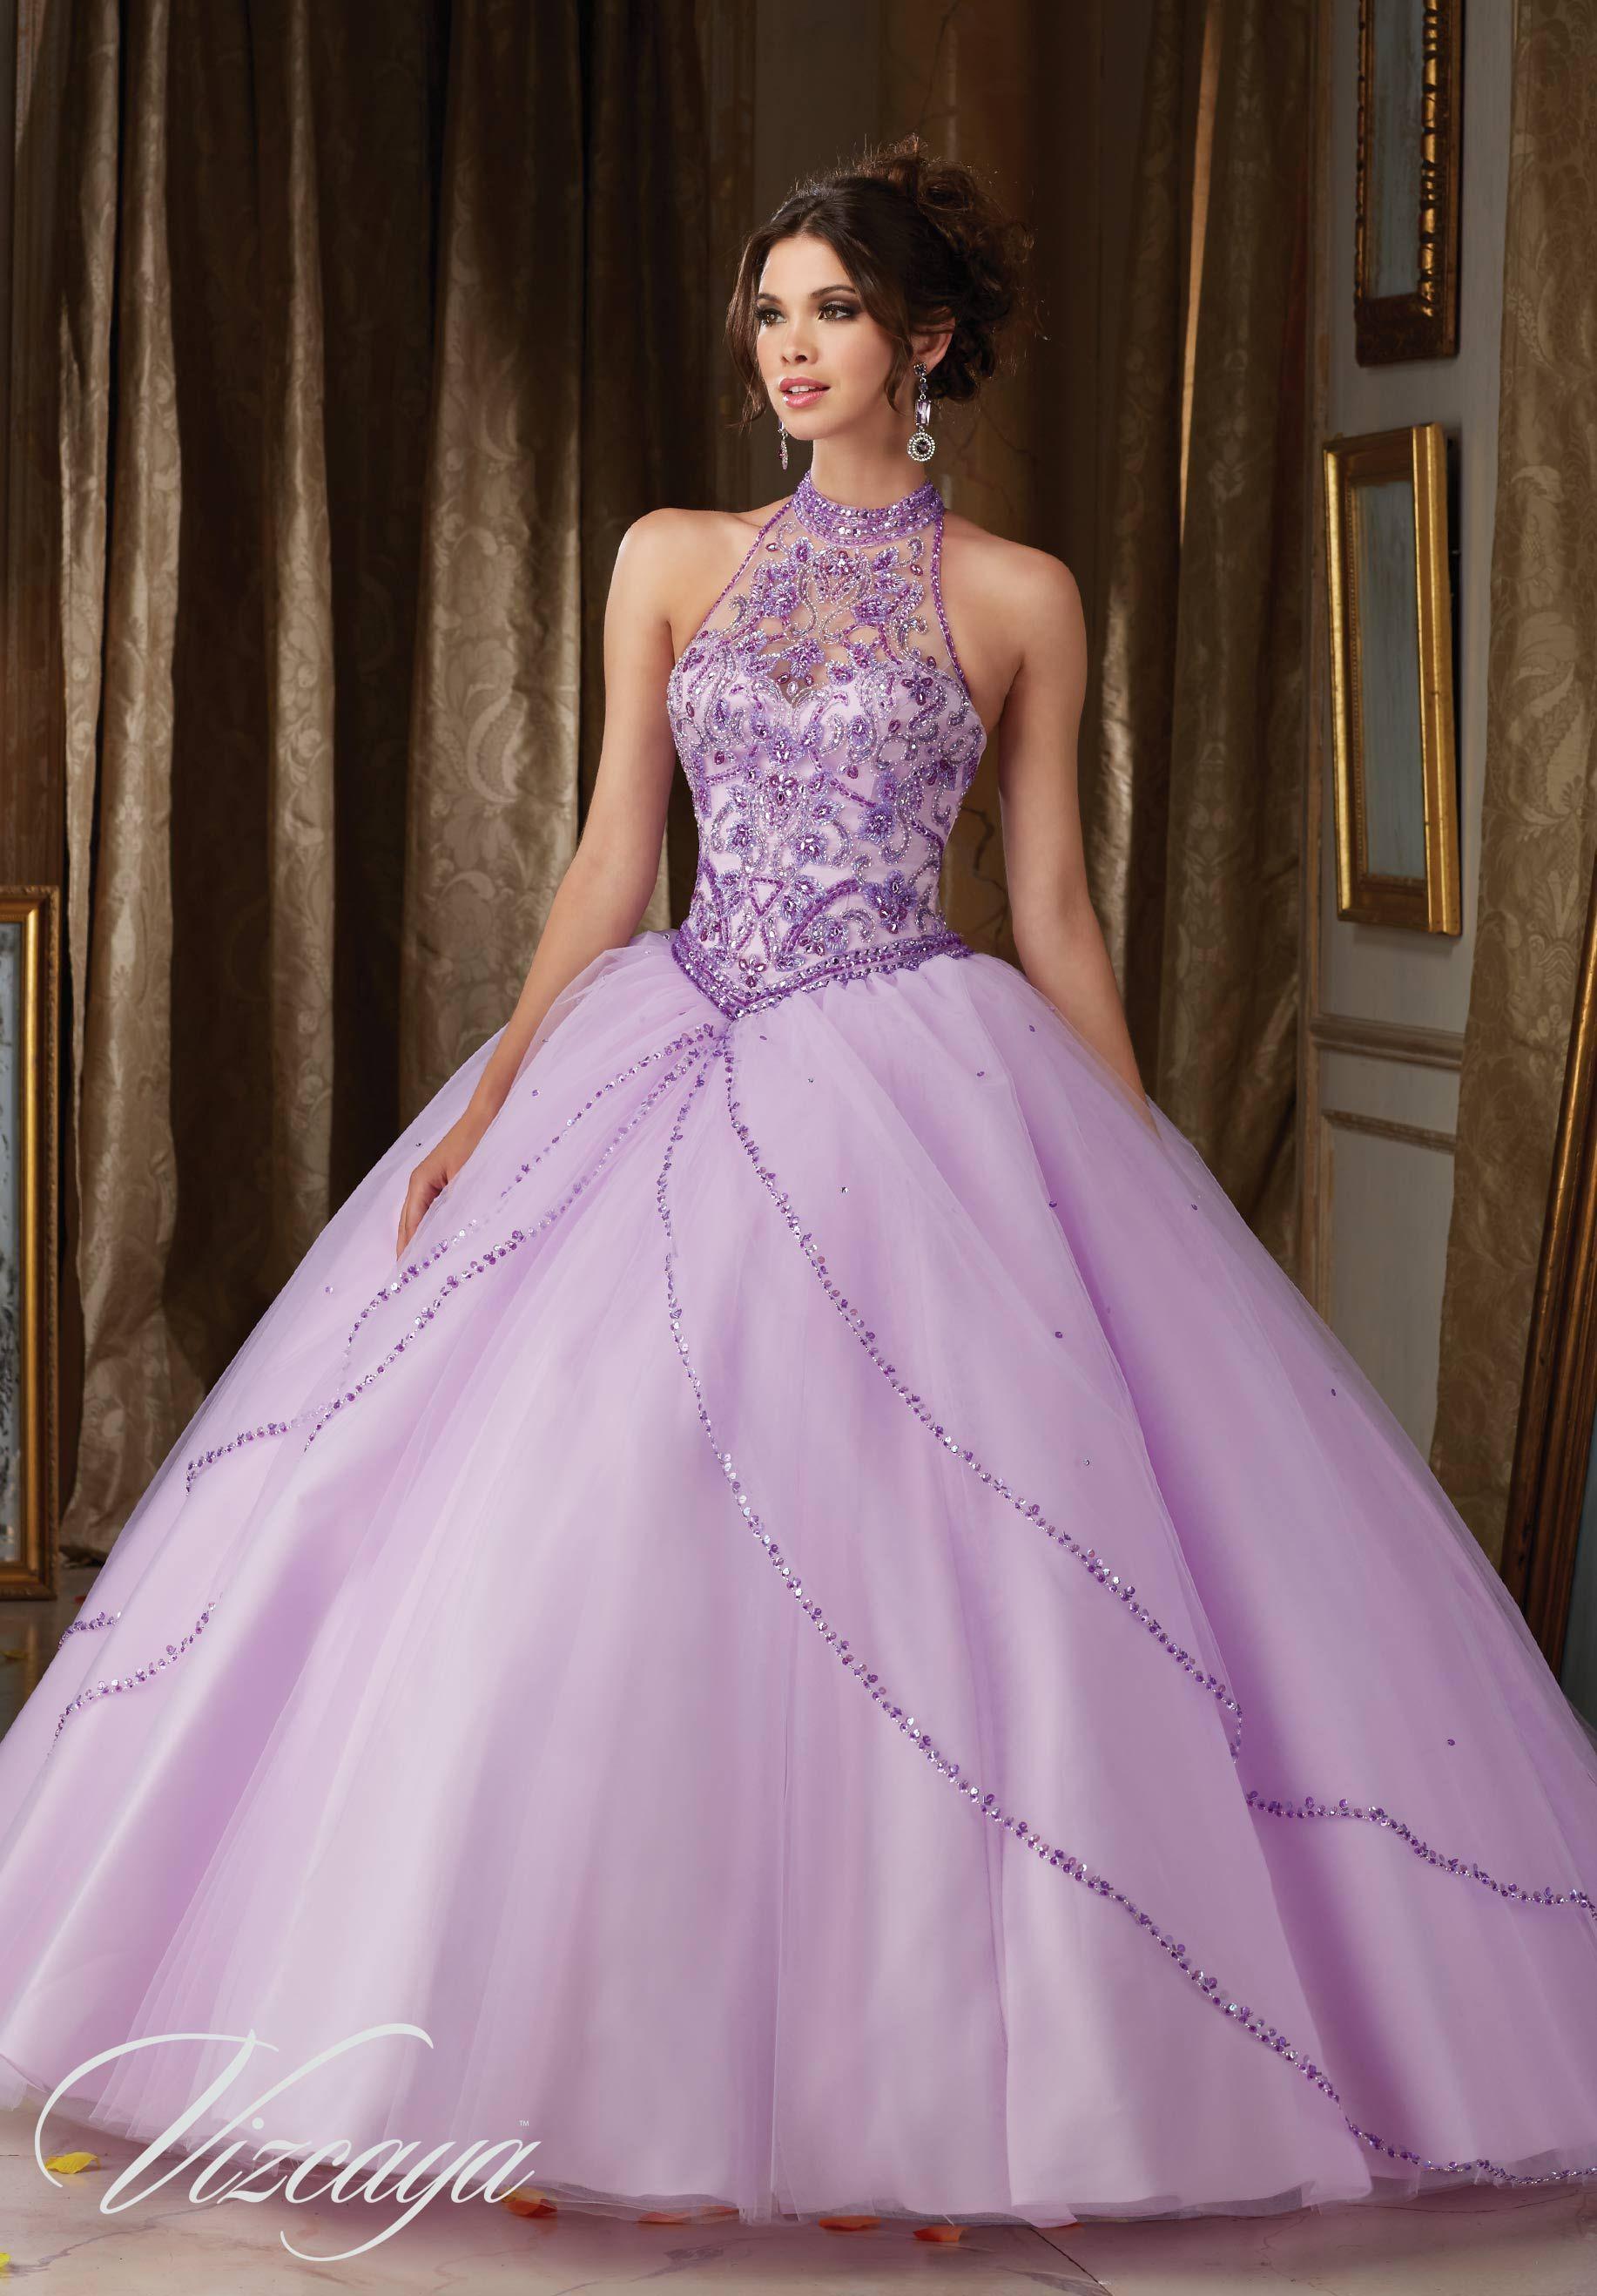 Tulle dress princes buscar con google vestidos de pinterest